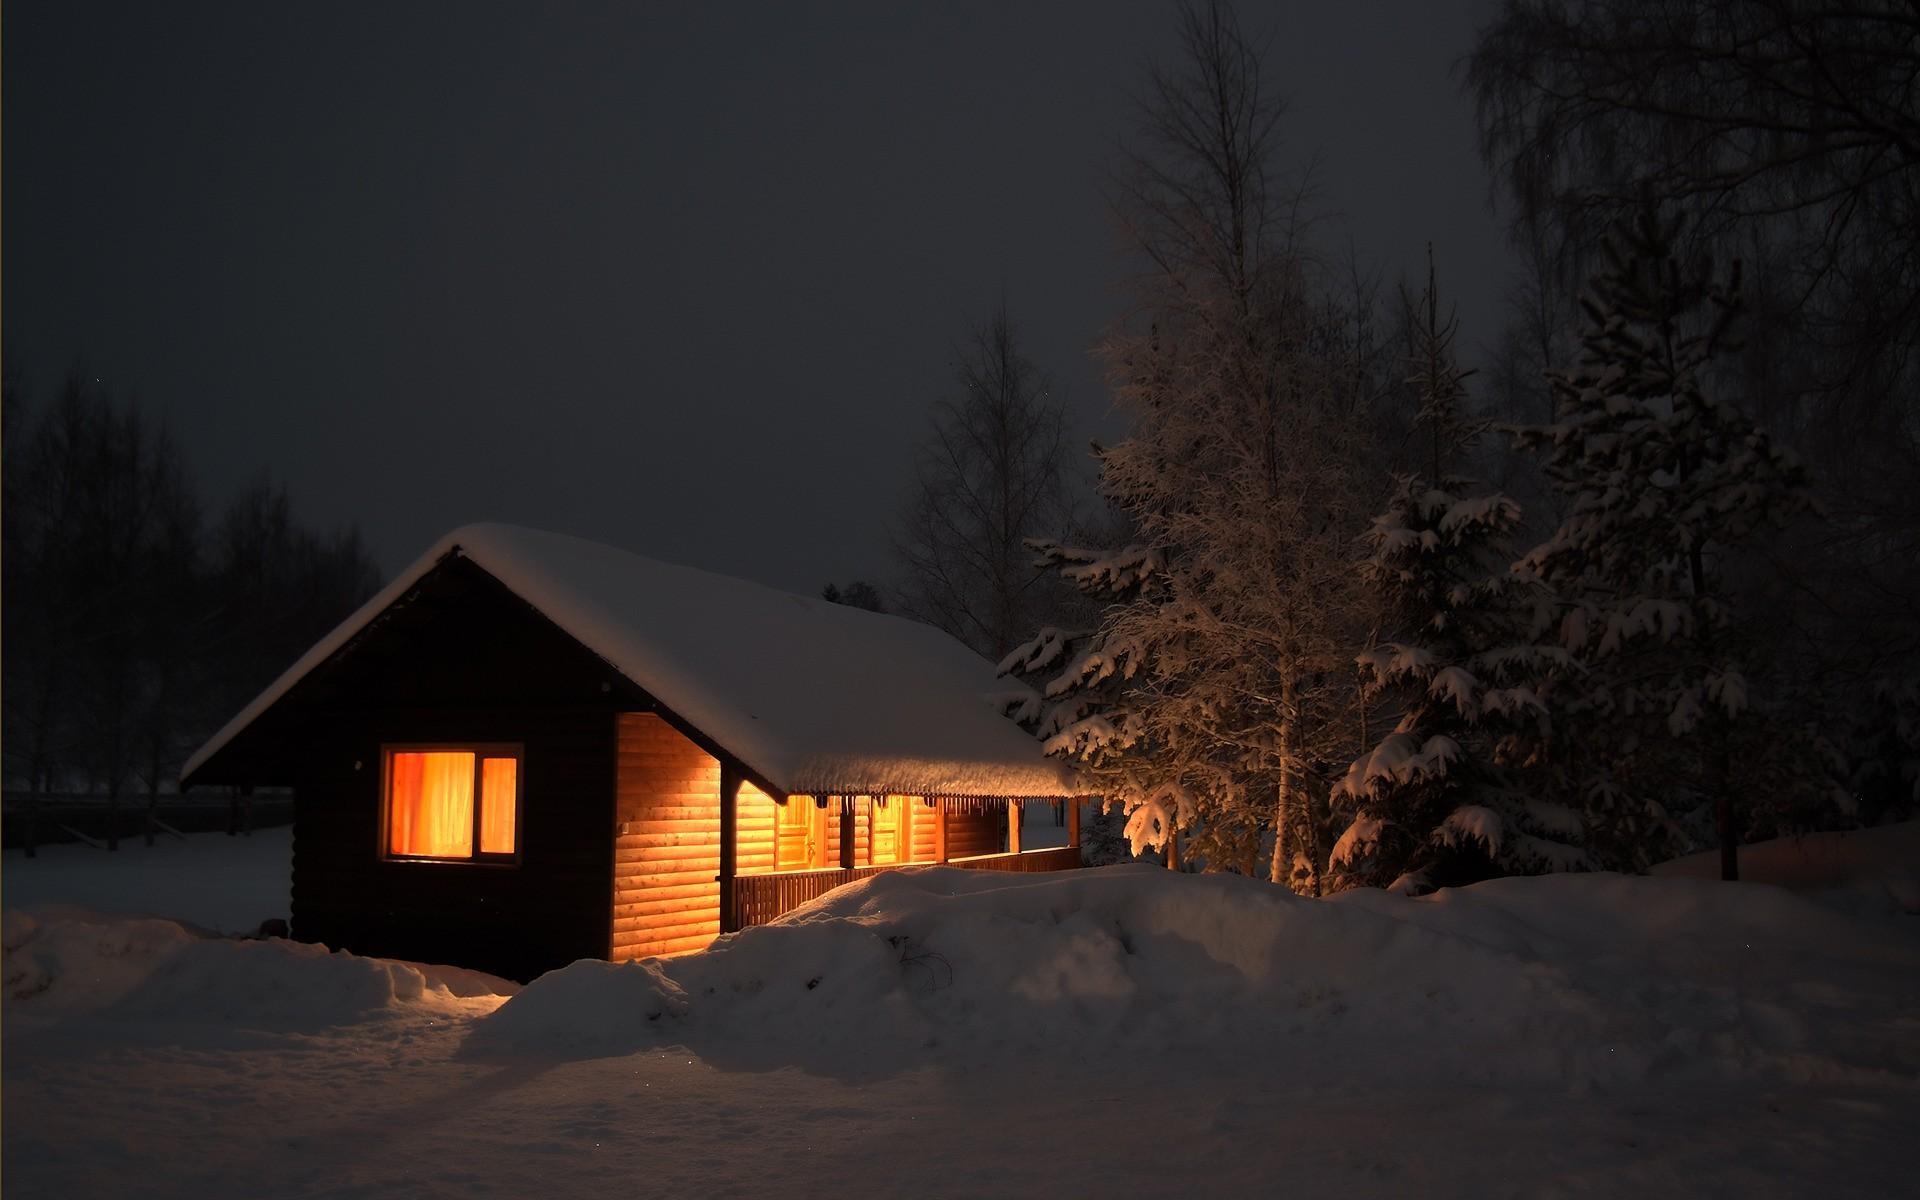 Snowy Log Cabin In Winter